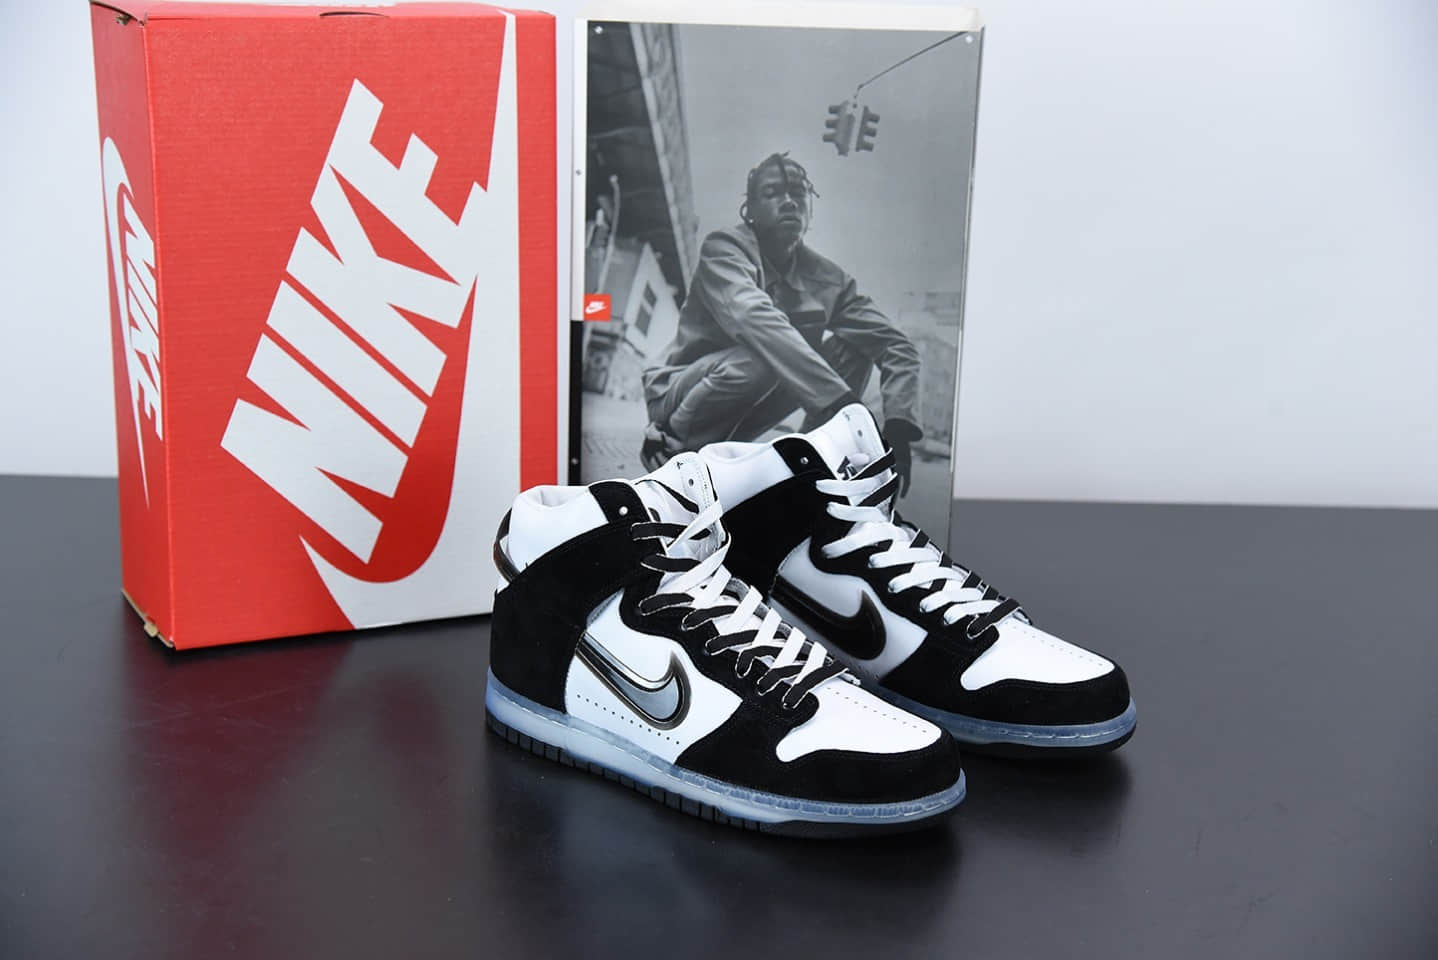 耐克Slam Jam x Nike Dunk High 黑白联名系列全头层皮高帮休闲滑板鞋纯原版本 货号:DA1639-101